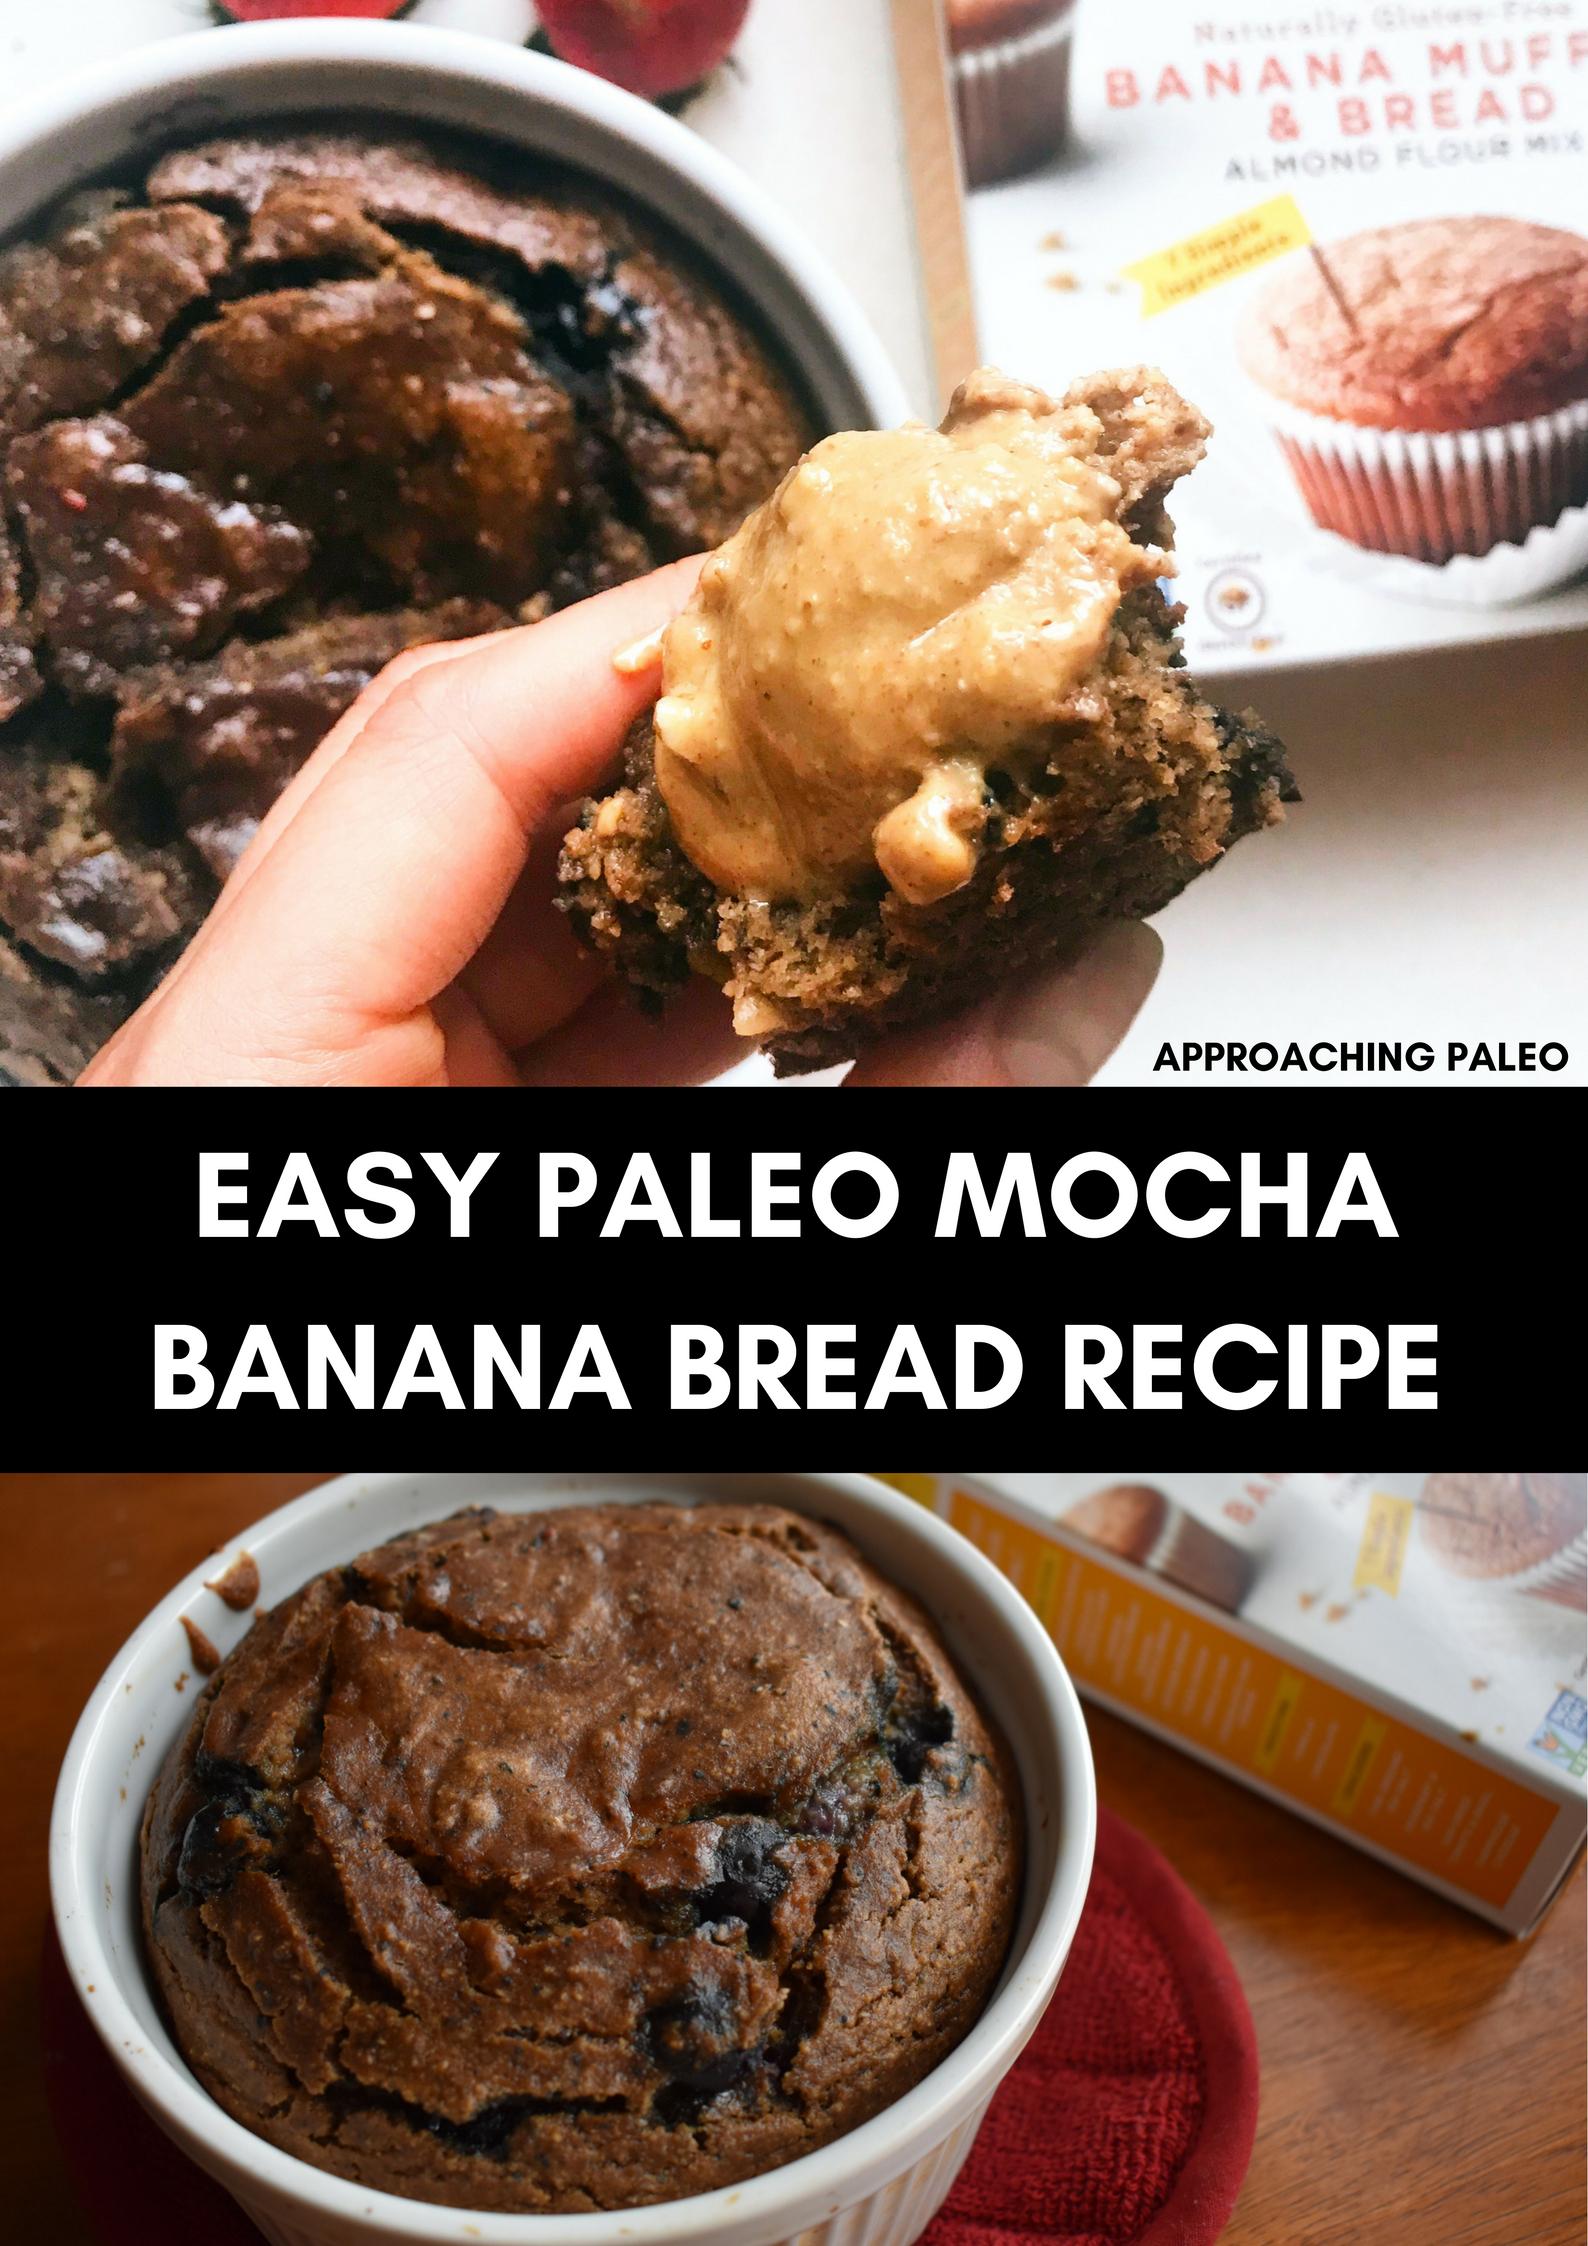 Easy Paleo Mocha Banana Bread Recipe